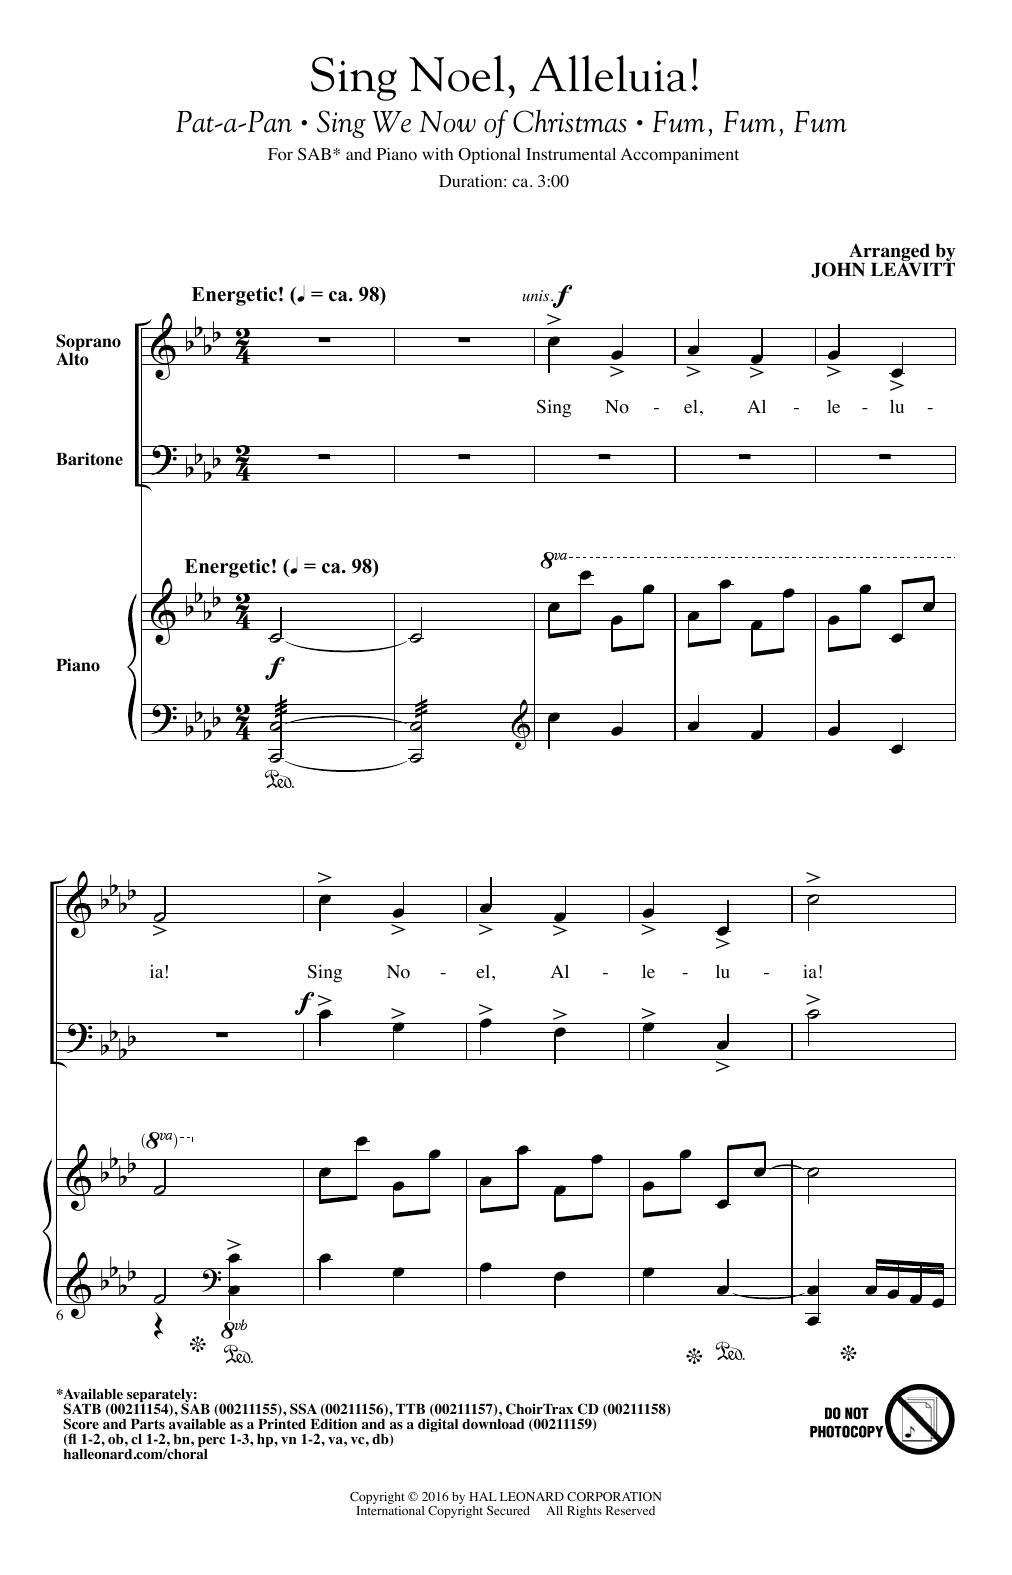 Sing Noel, Alleluia! (SAB Choir)